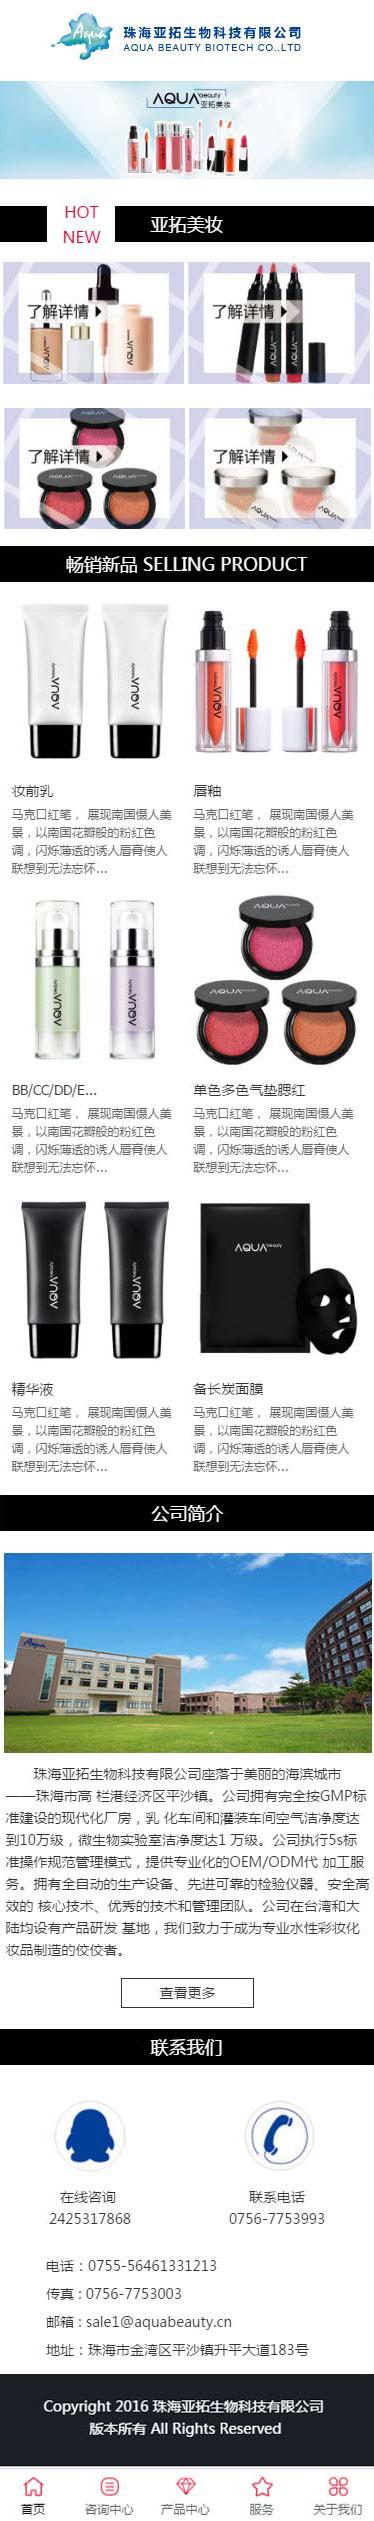 亚托化妆品展示模板